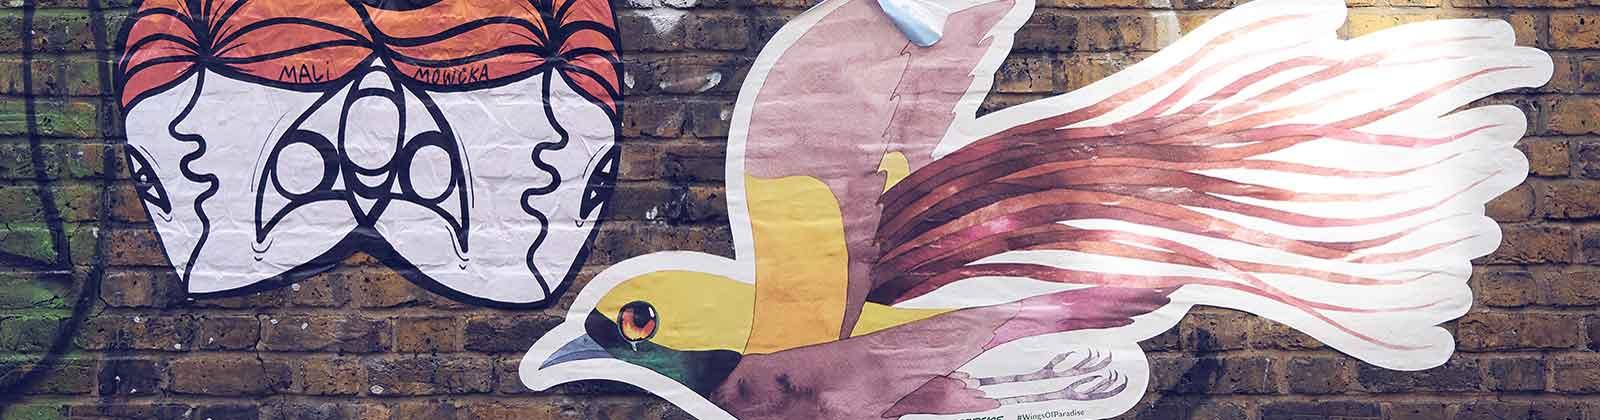 close-up of bird mural